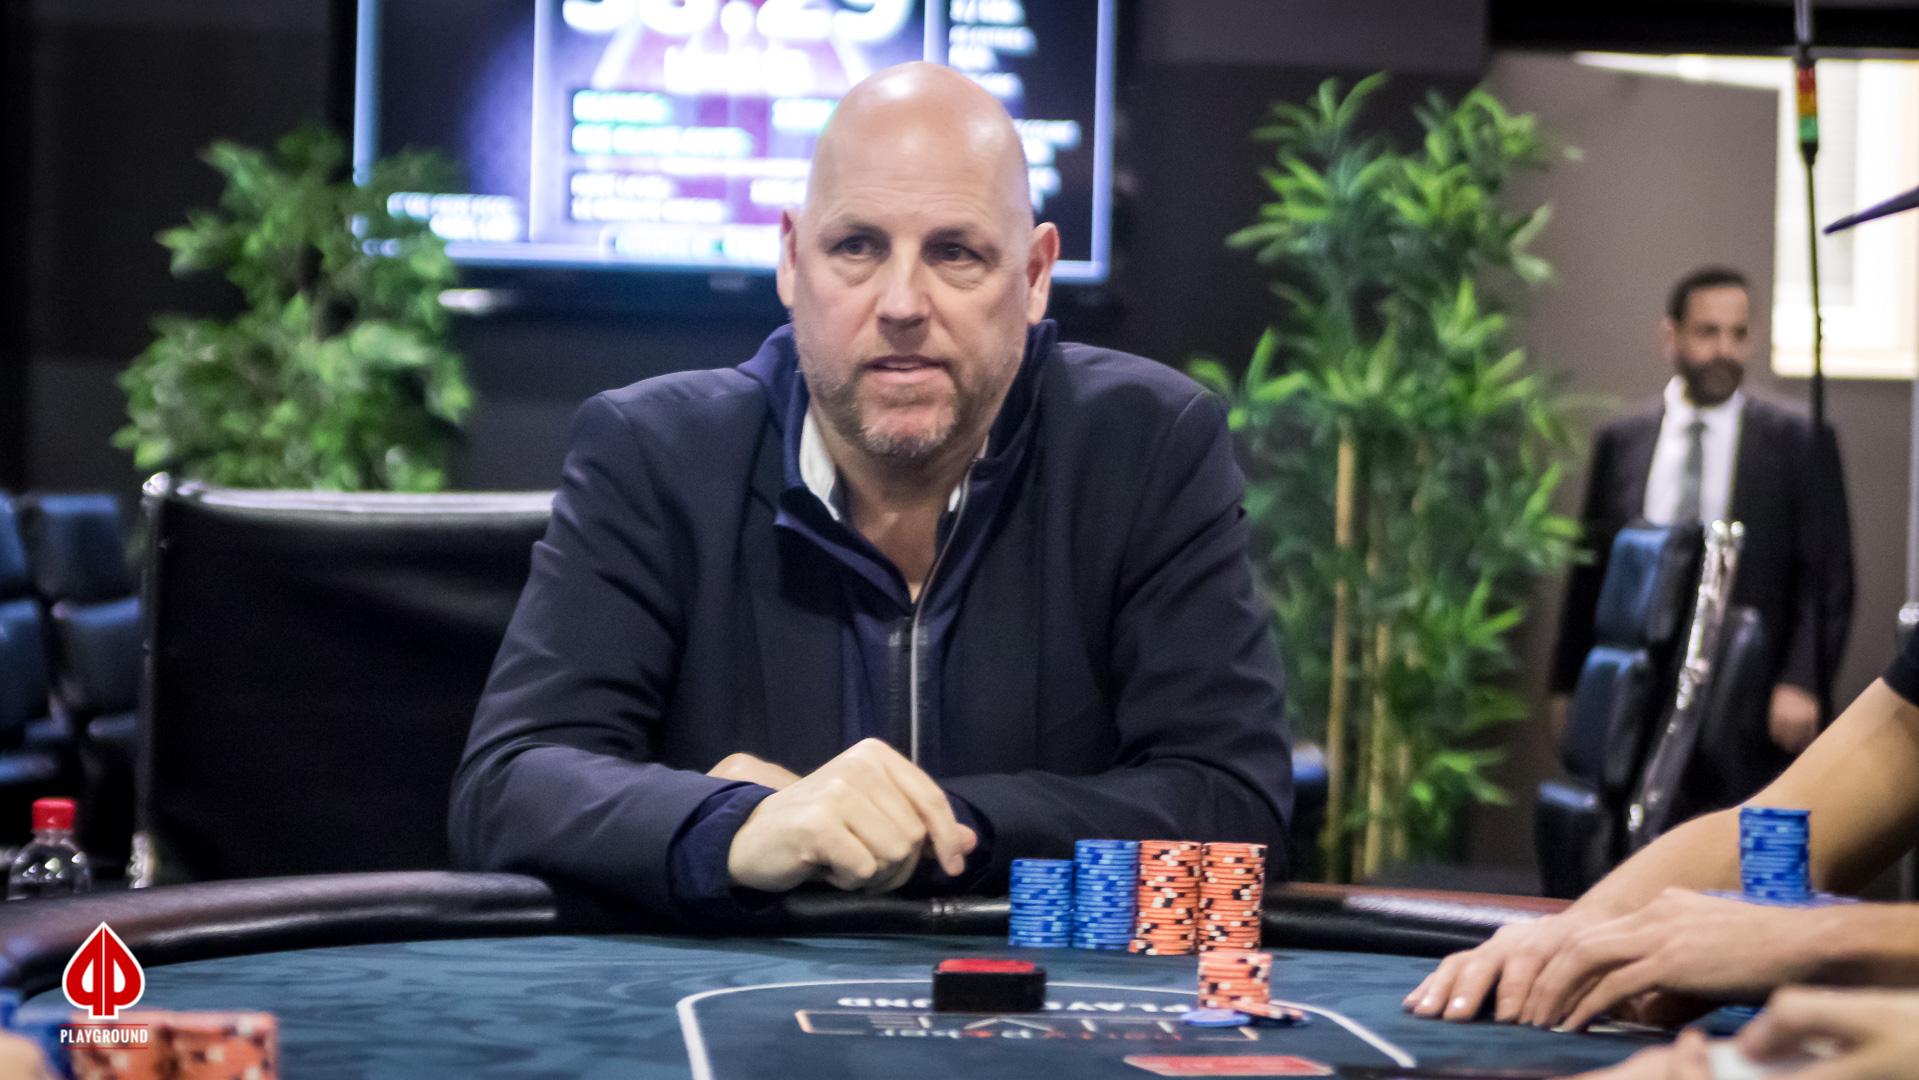 Third place: Patrick Quinn, $72,980